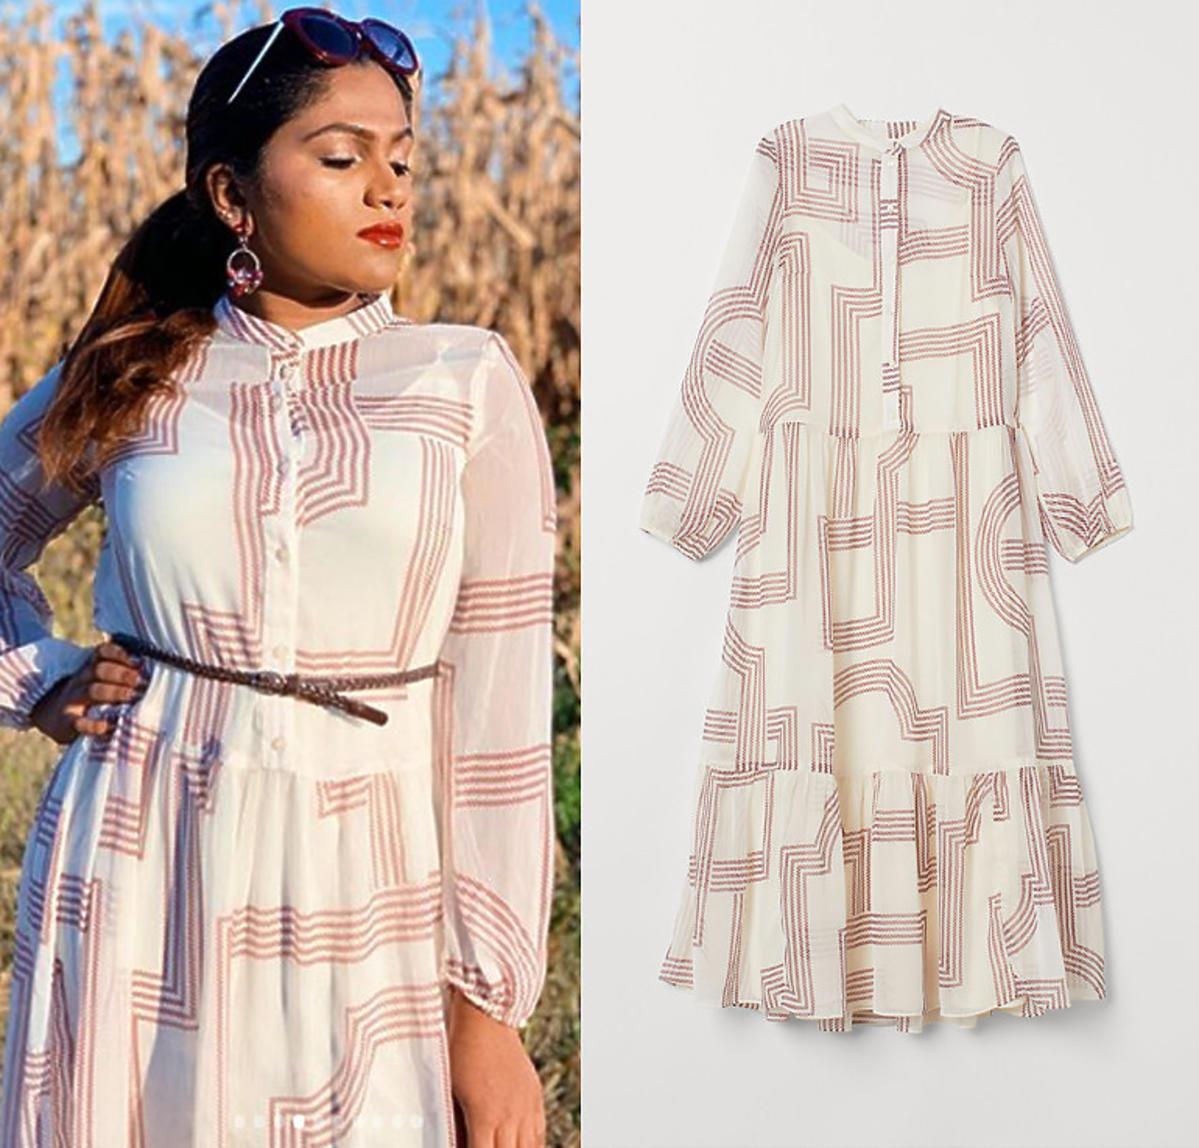 Wyprzedaże w H&M na wiosnę 2020. Ta sukienka stała się hitem Instagrama!